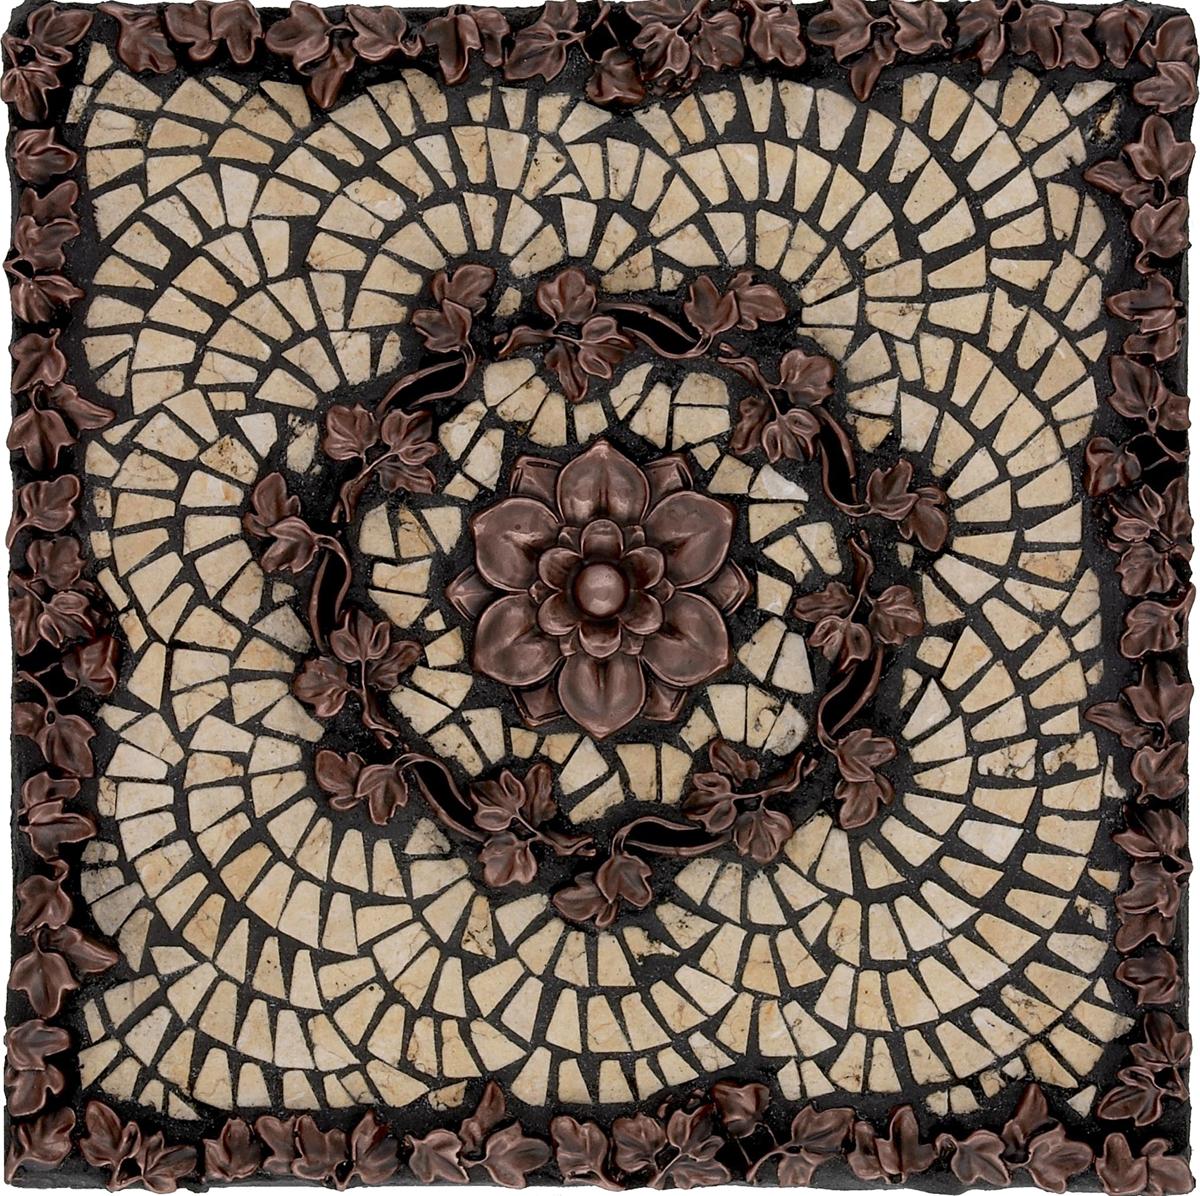 Metal Mural Athena Mosaic Tile Backsplash